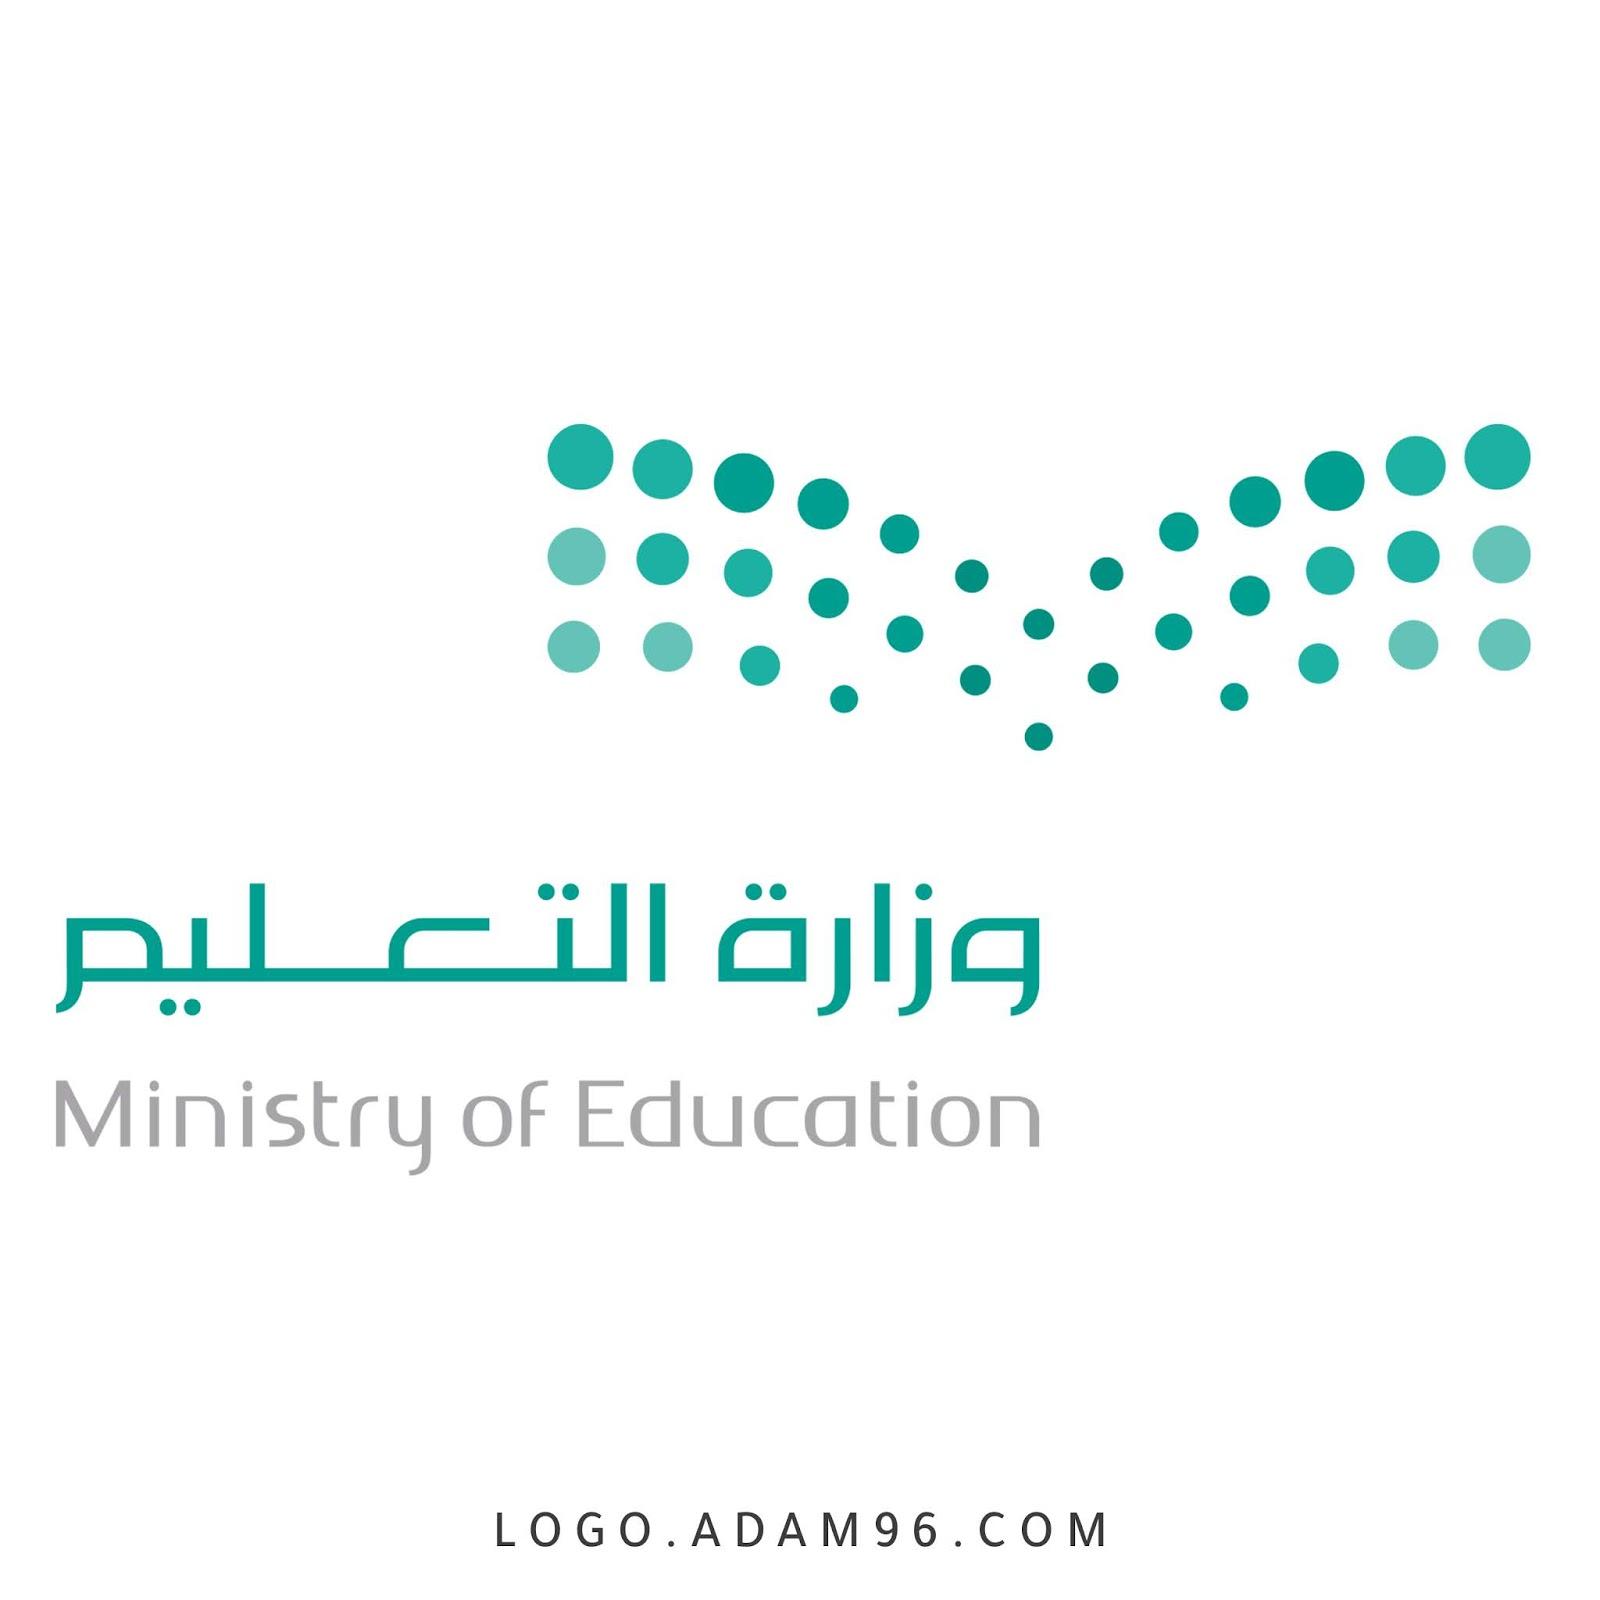 شعار وزارة التربية والتعليم السعودية - MINISTRY OF EDUCATION LOGO